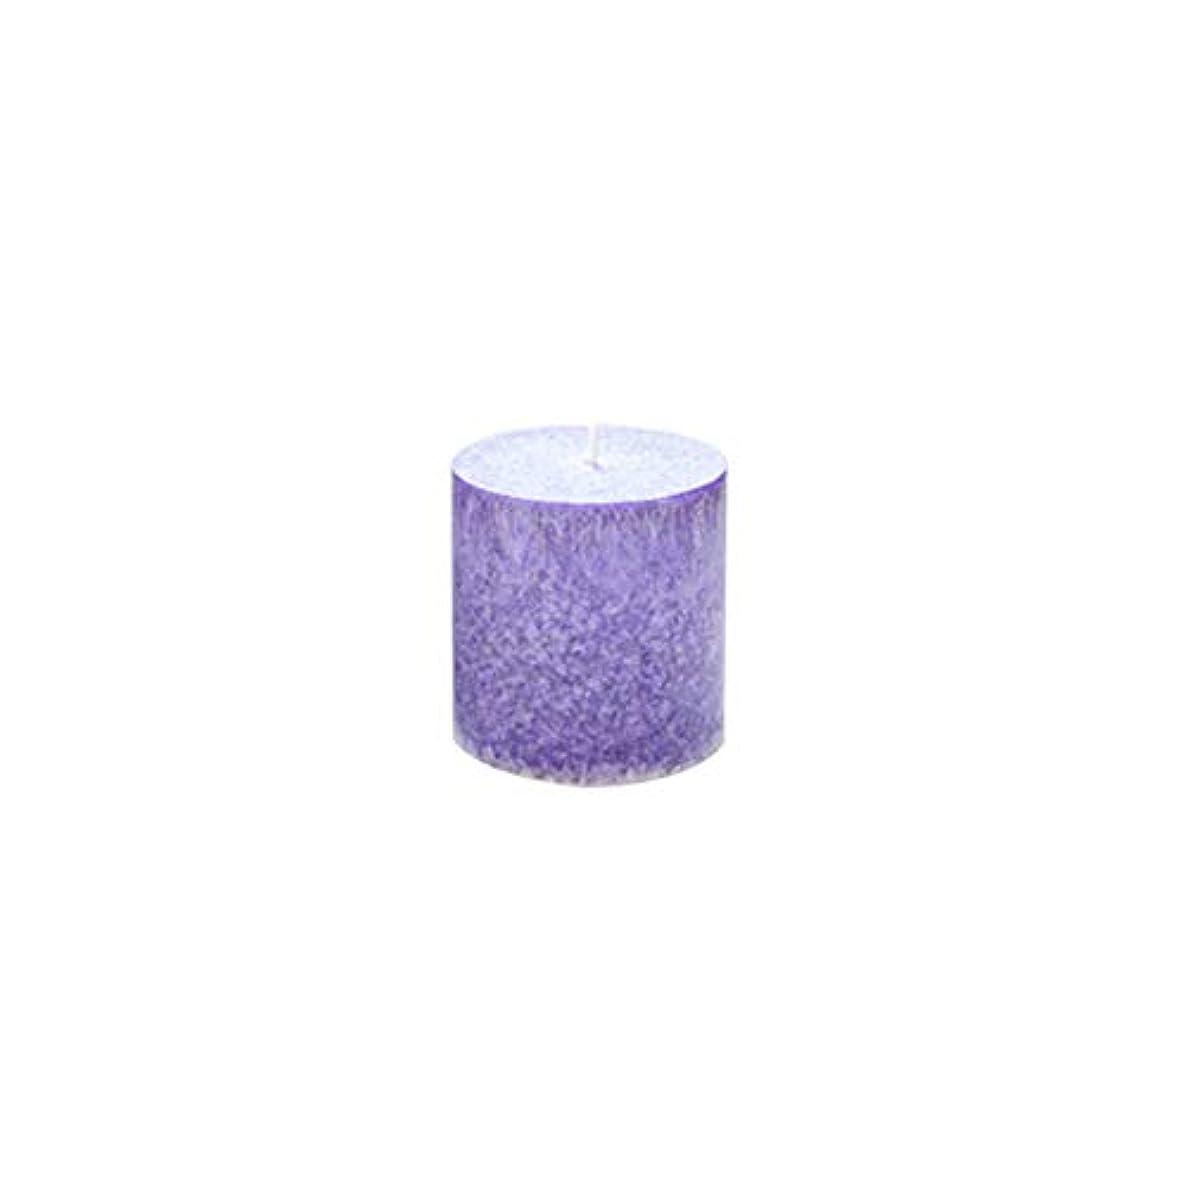 サーフィン肺炎命令的Rakuby 香料入り 蝋燭 ロマンチック 紫色 ラベンダー アロマ療法 柱 蝋燭 祝祭 結婚祝い 無煙蝋燭